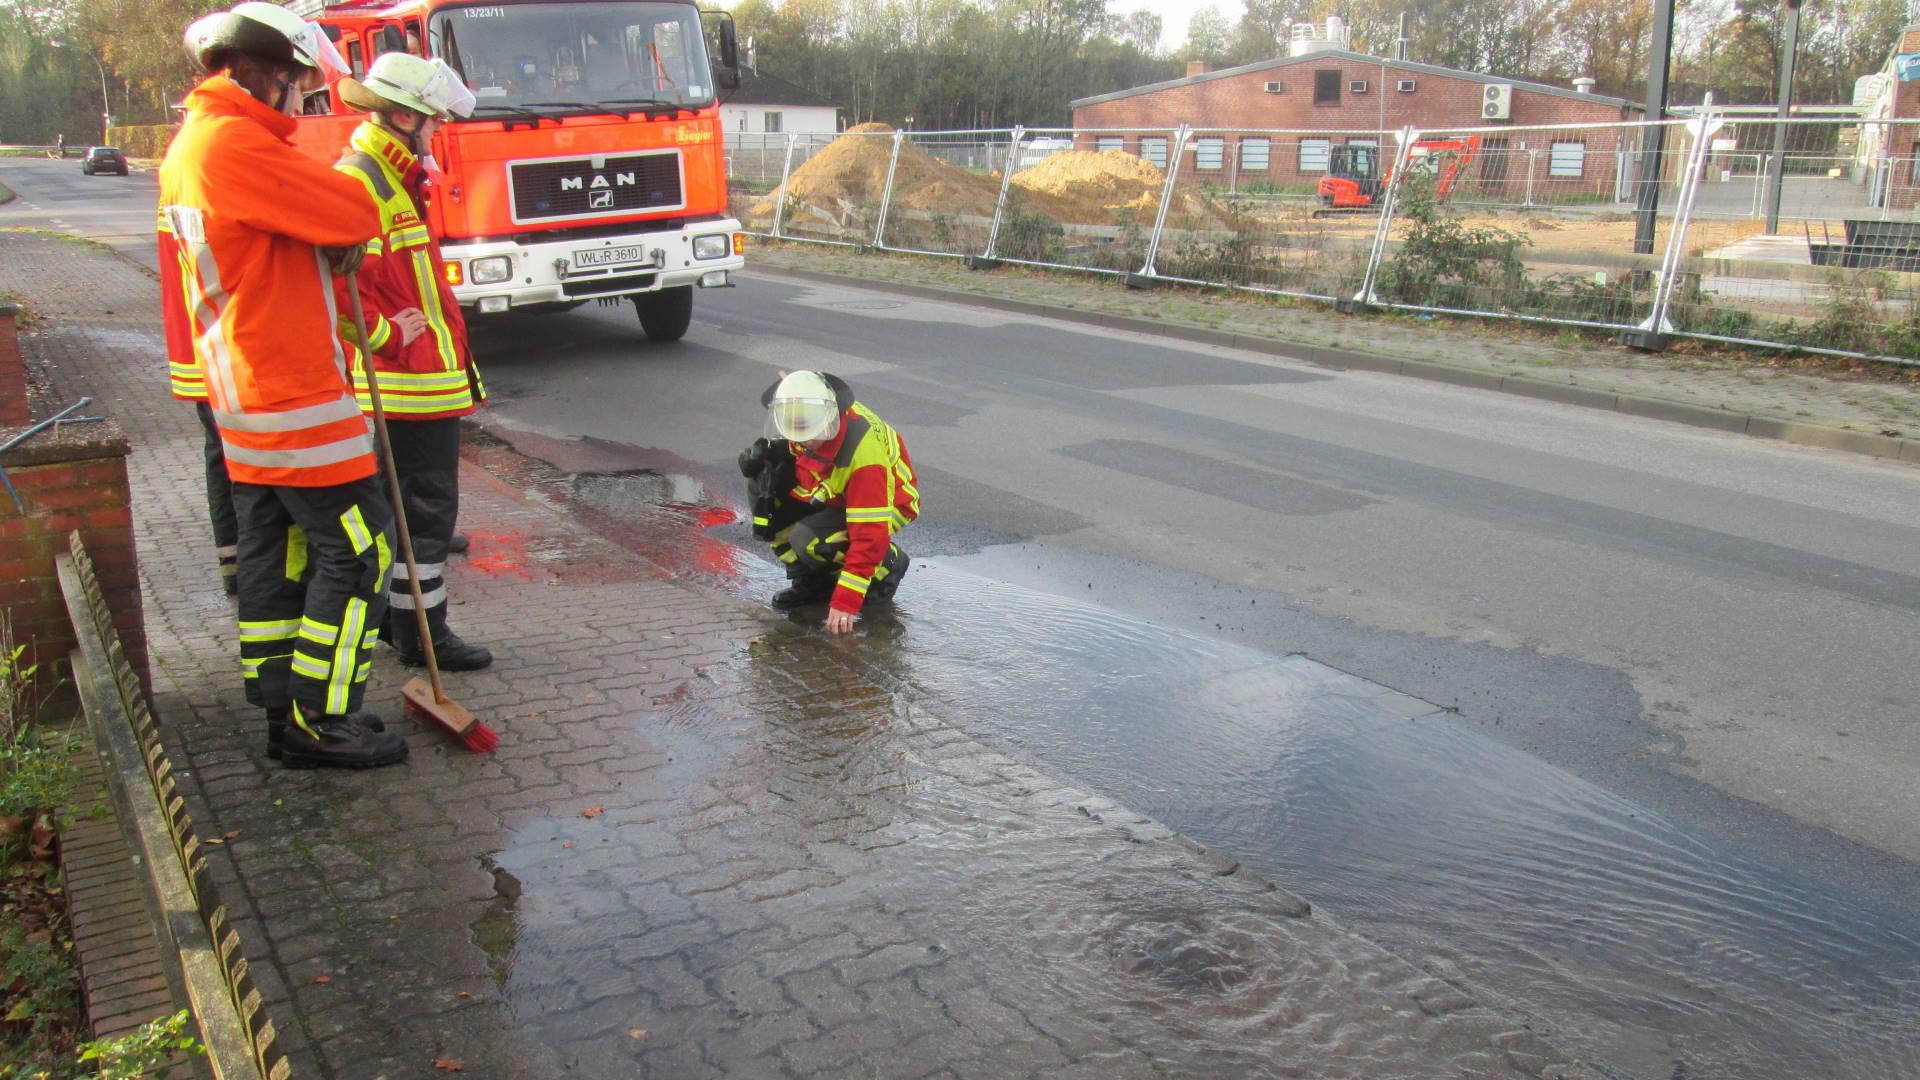 Kameraden der Feuerwehr sichern die Einsatzstelle